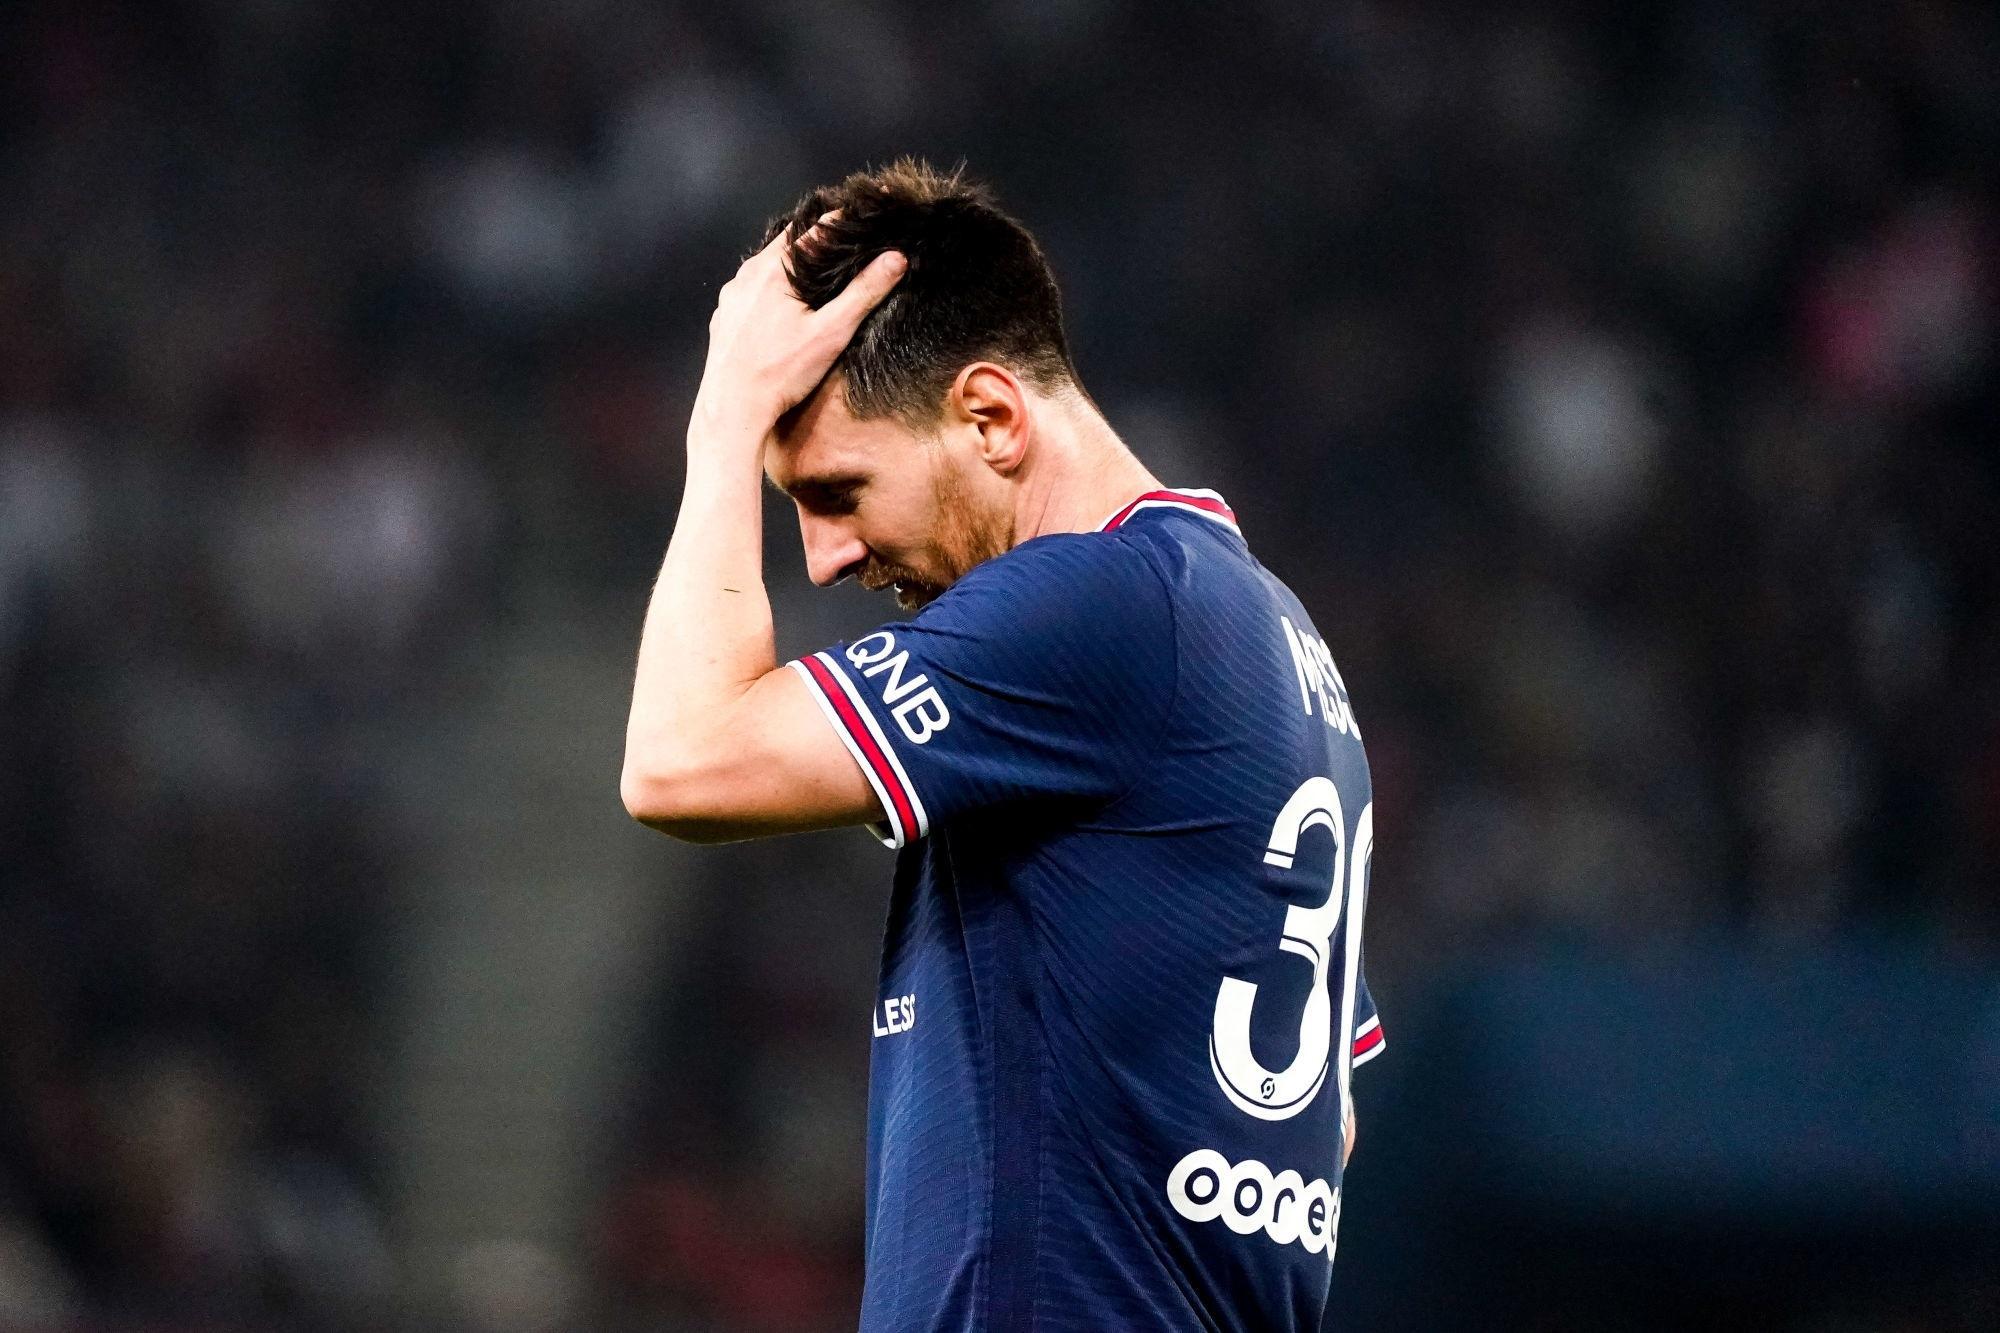 """PSG/Manchester City - Messi est encore """"incertain"""", d'après RMC Sport"""